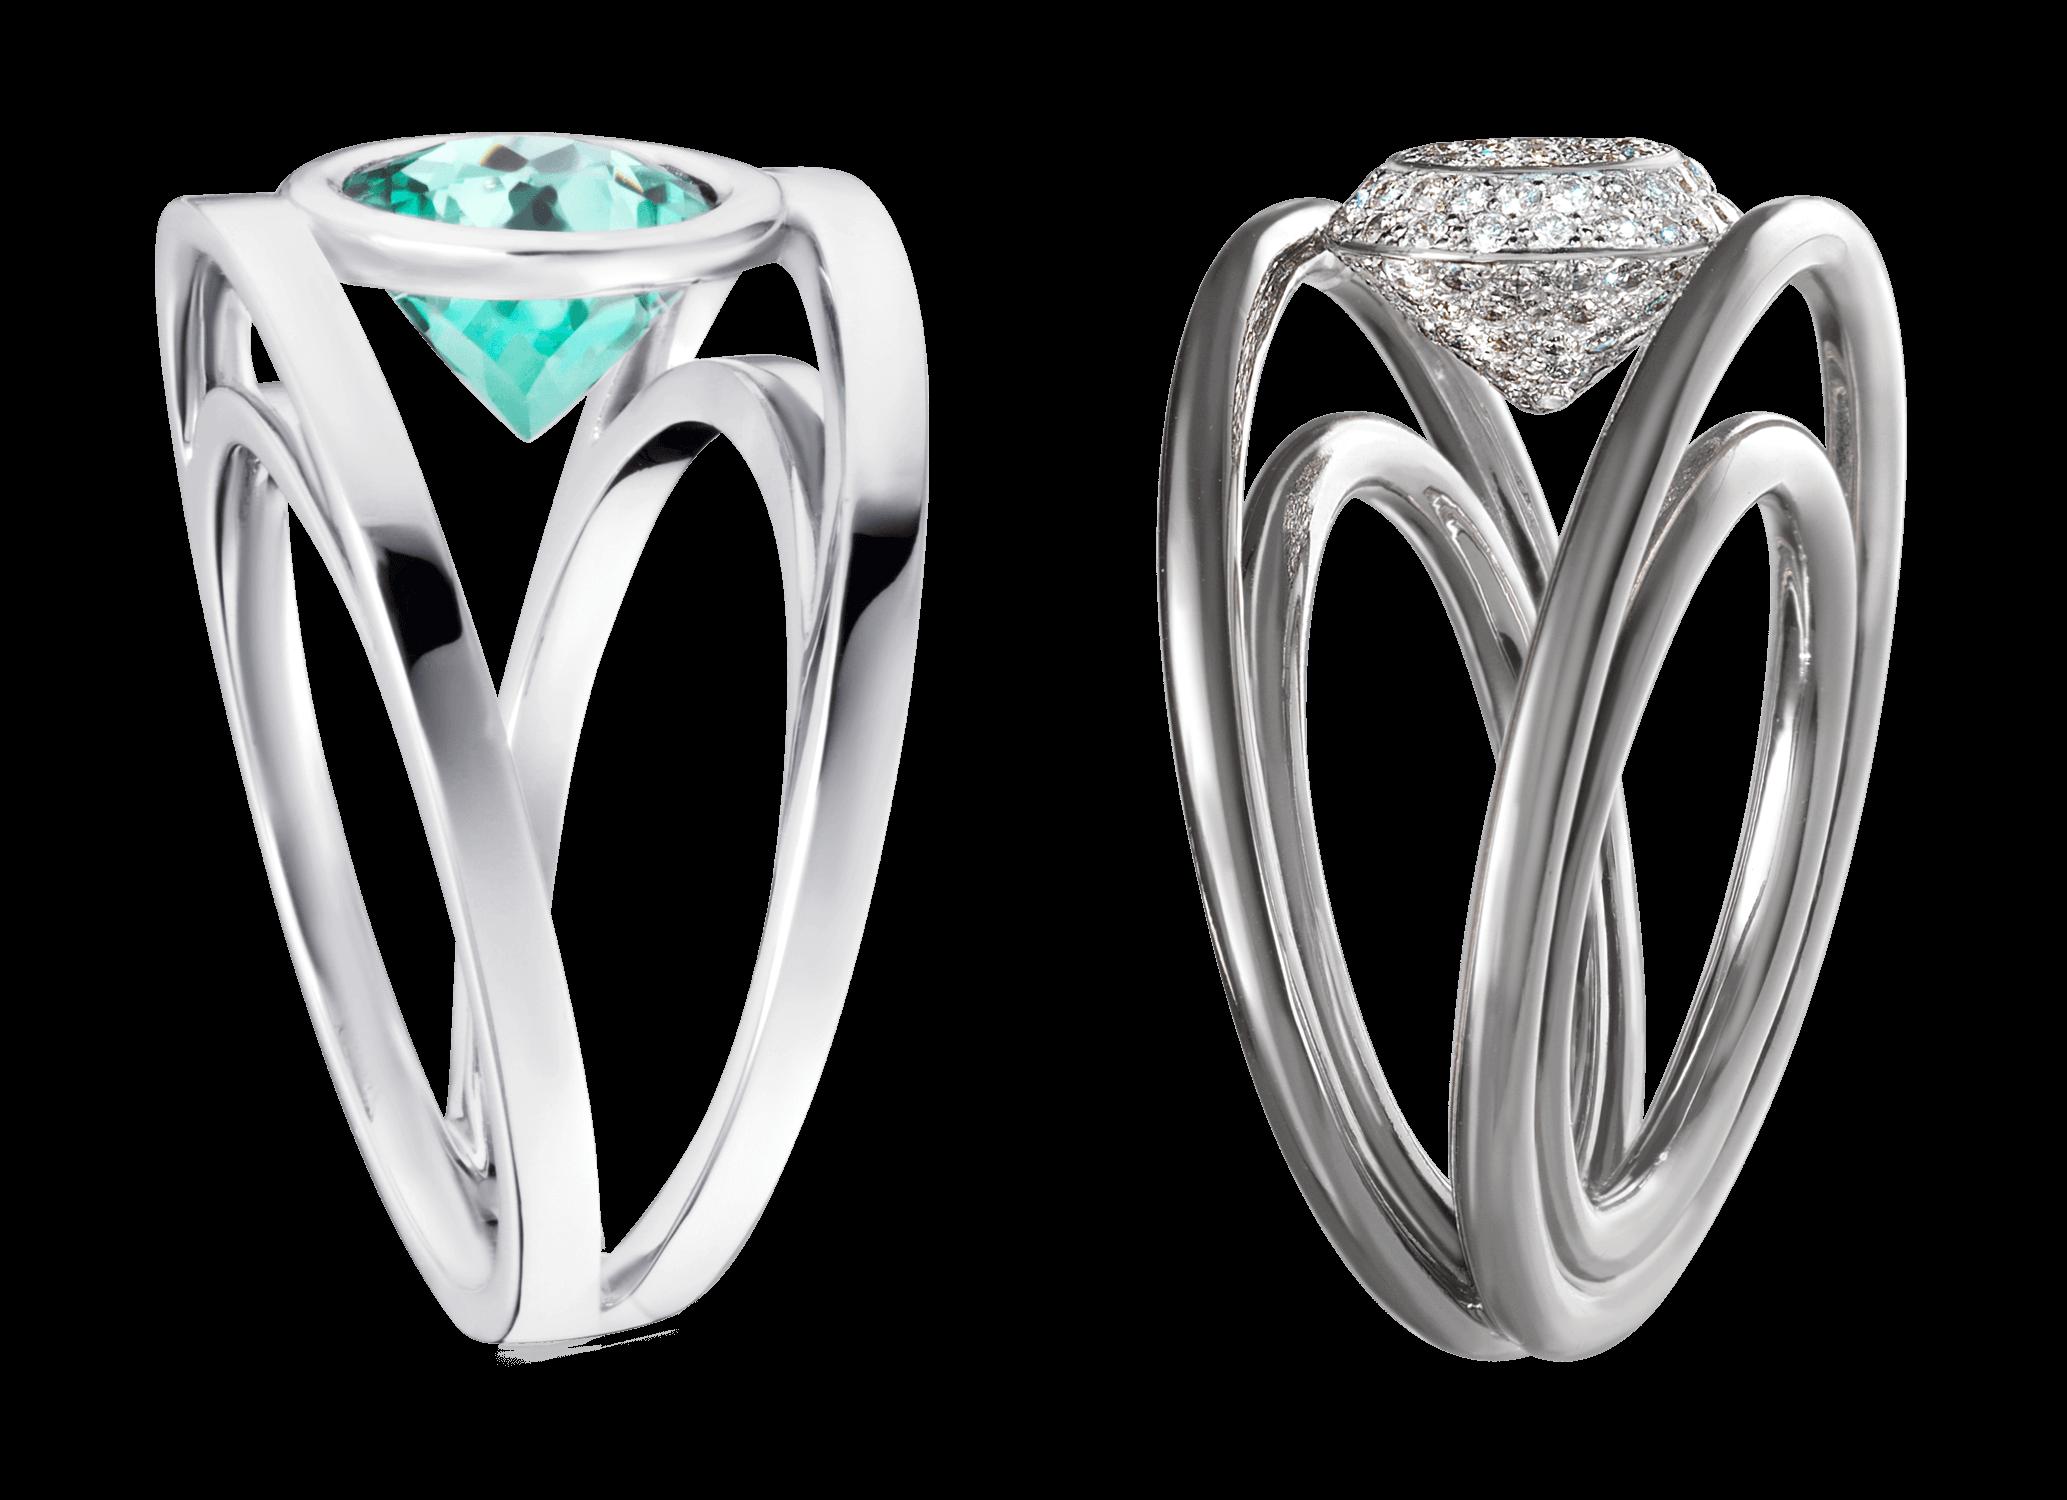 Bague Praha - Or blanc et Tourmaline bleue vert 1,89 carat. 4 300 €Or blanc or blanc et pavage de diamants 0,60 carat.5 200 €Or blanc et Spinelle parme/violet rond 1.53 carat.3 400 €